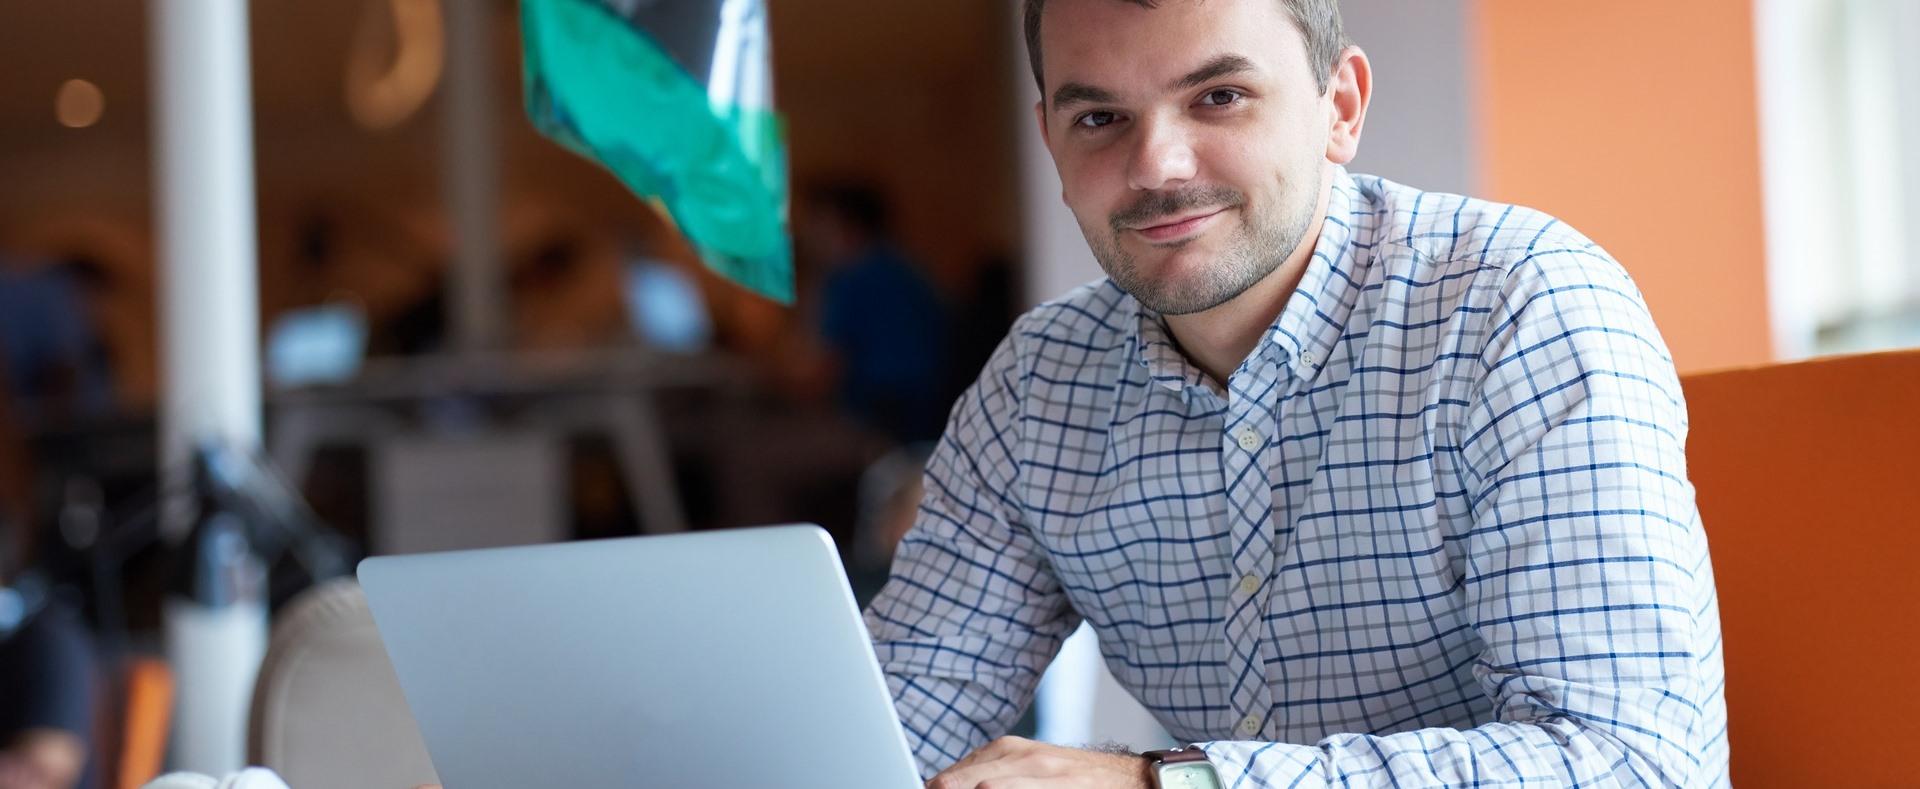 Fiatalok vállalkozóvá válását segítik a Dél-Dunántúlon